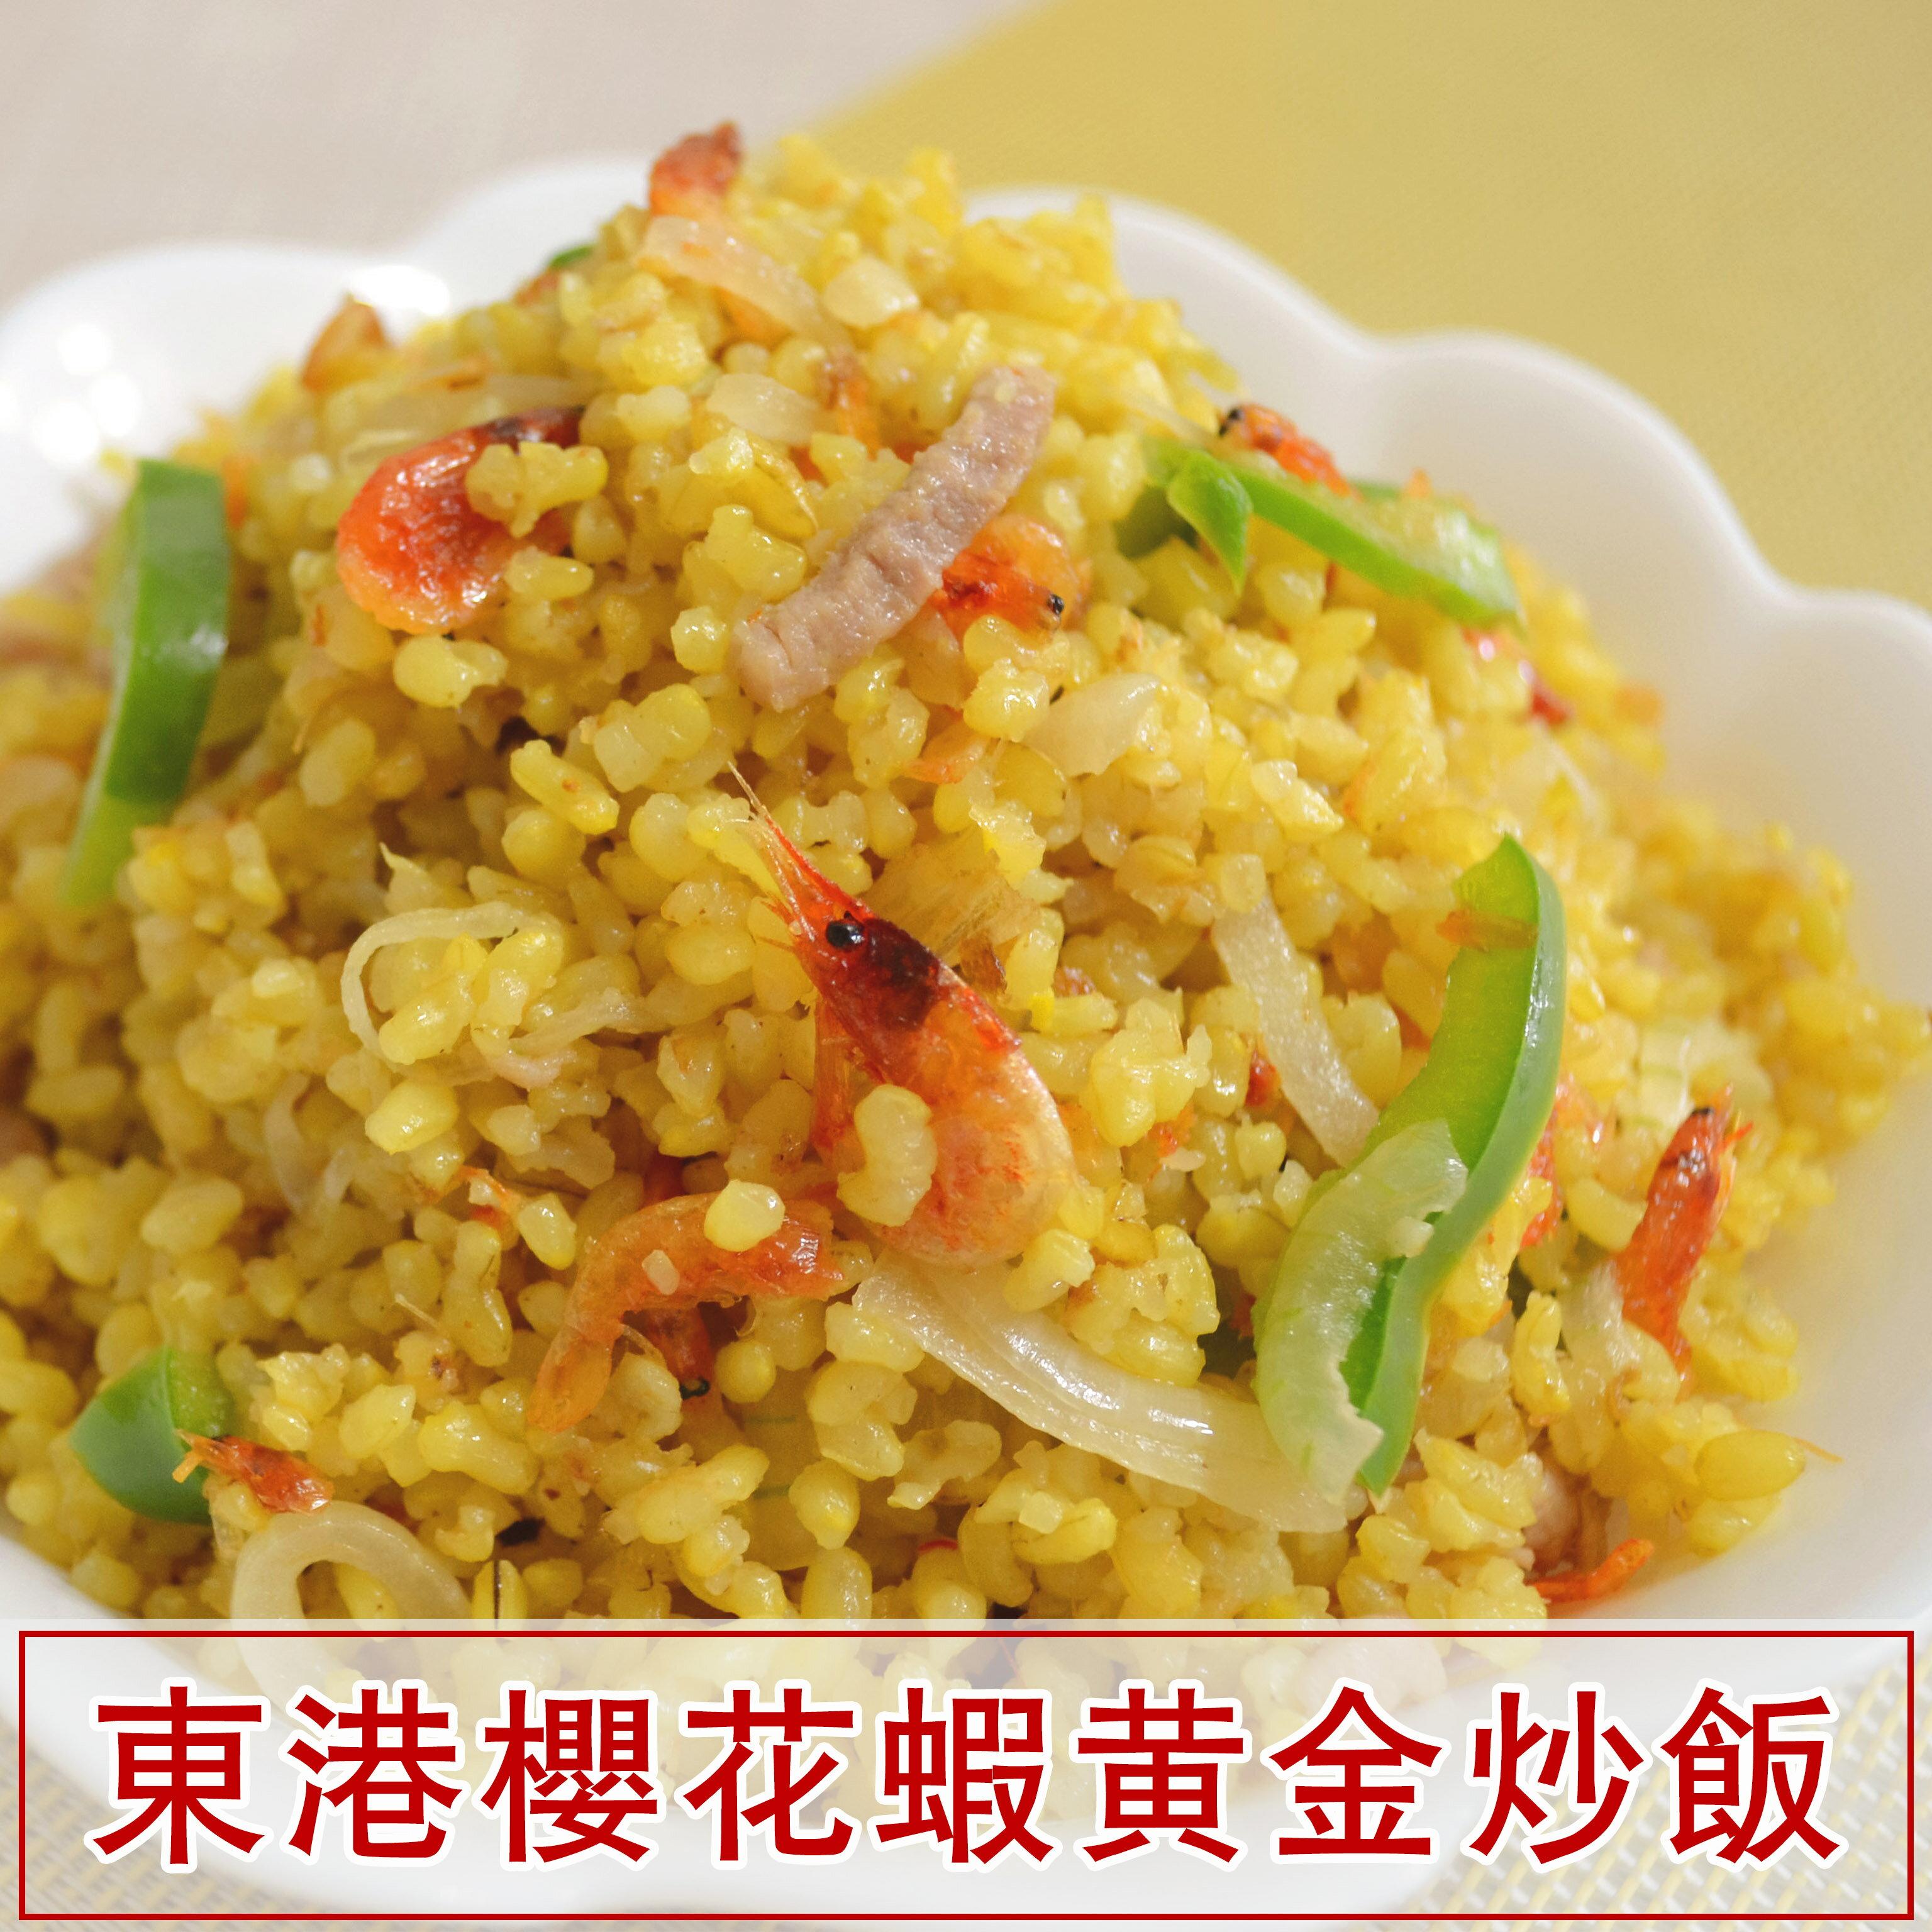 東港櫻花蝦黃金炒飯|料鮮 |東港直送櫻花蝦|無負擔低卡炒飯|輕鬆上菜好幸福|下班後的小確幸